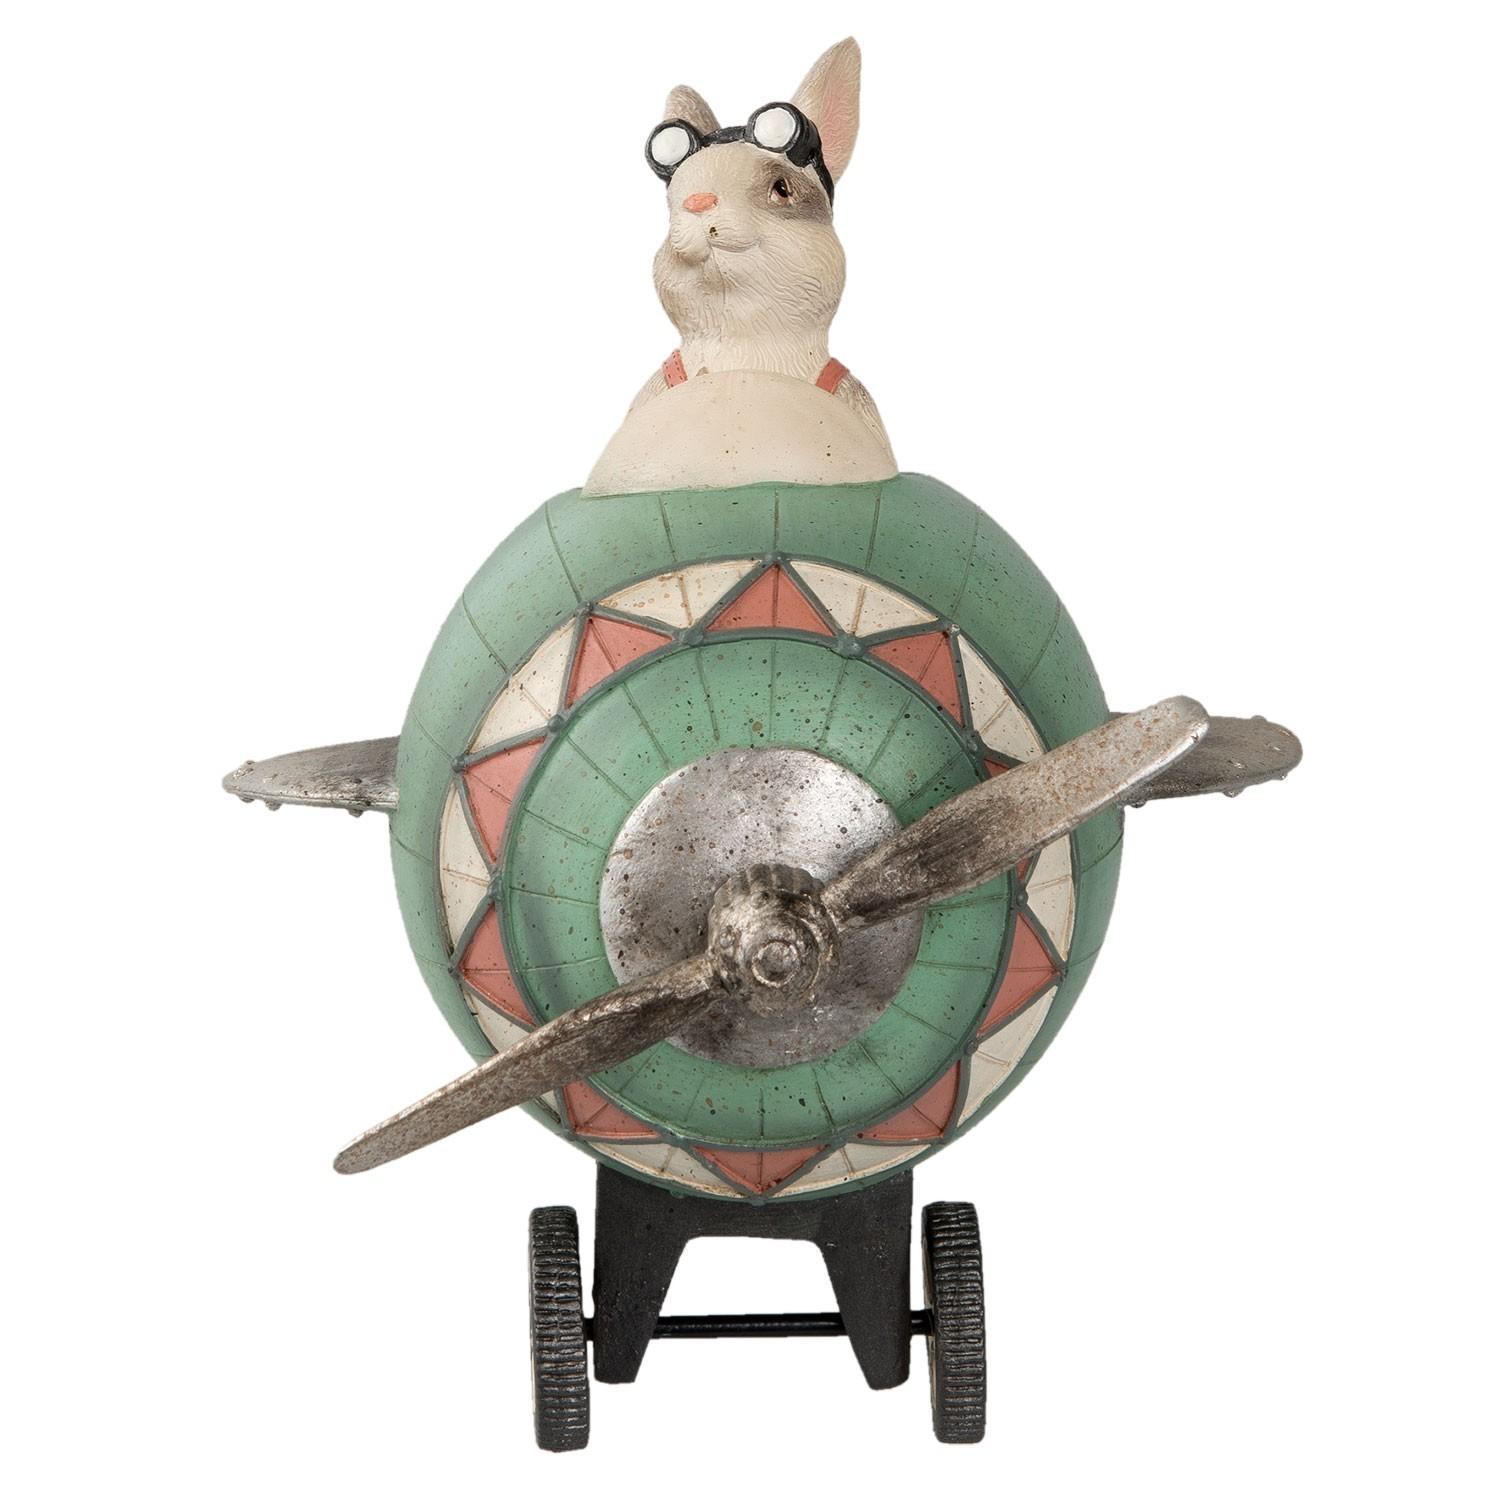 Dekorácie králiček v lietadle - 24 * 17 * 18 cm